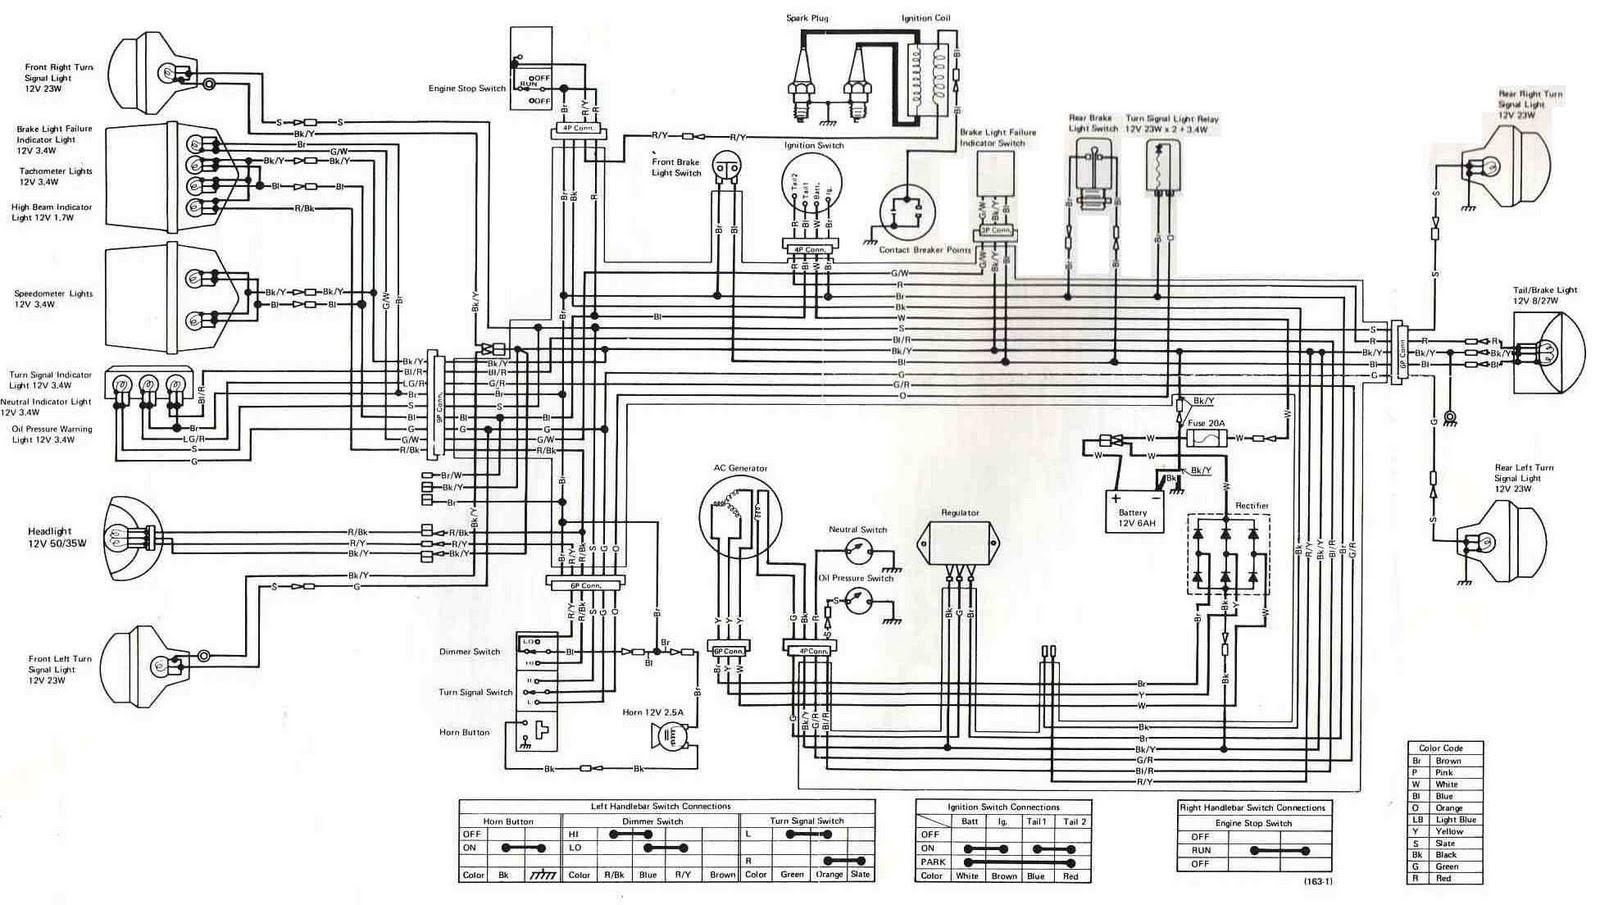 kawasaki mule 3000 wiring diagram